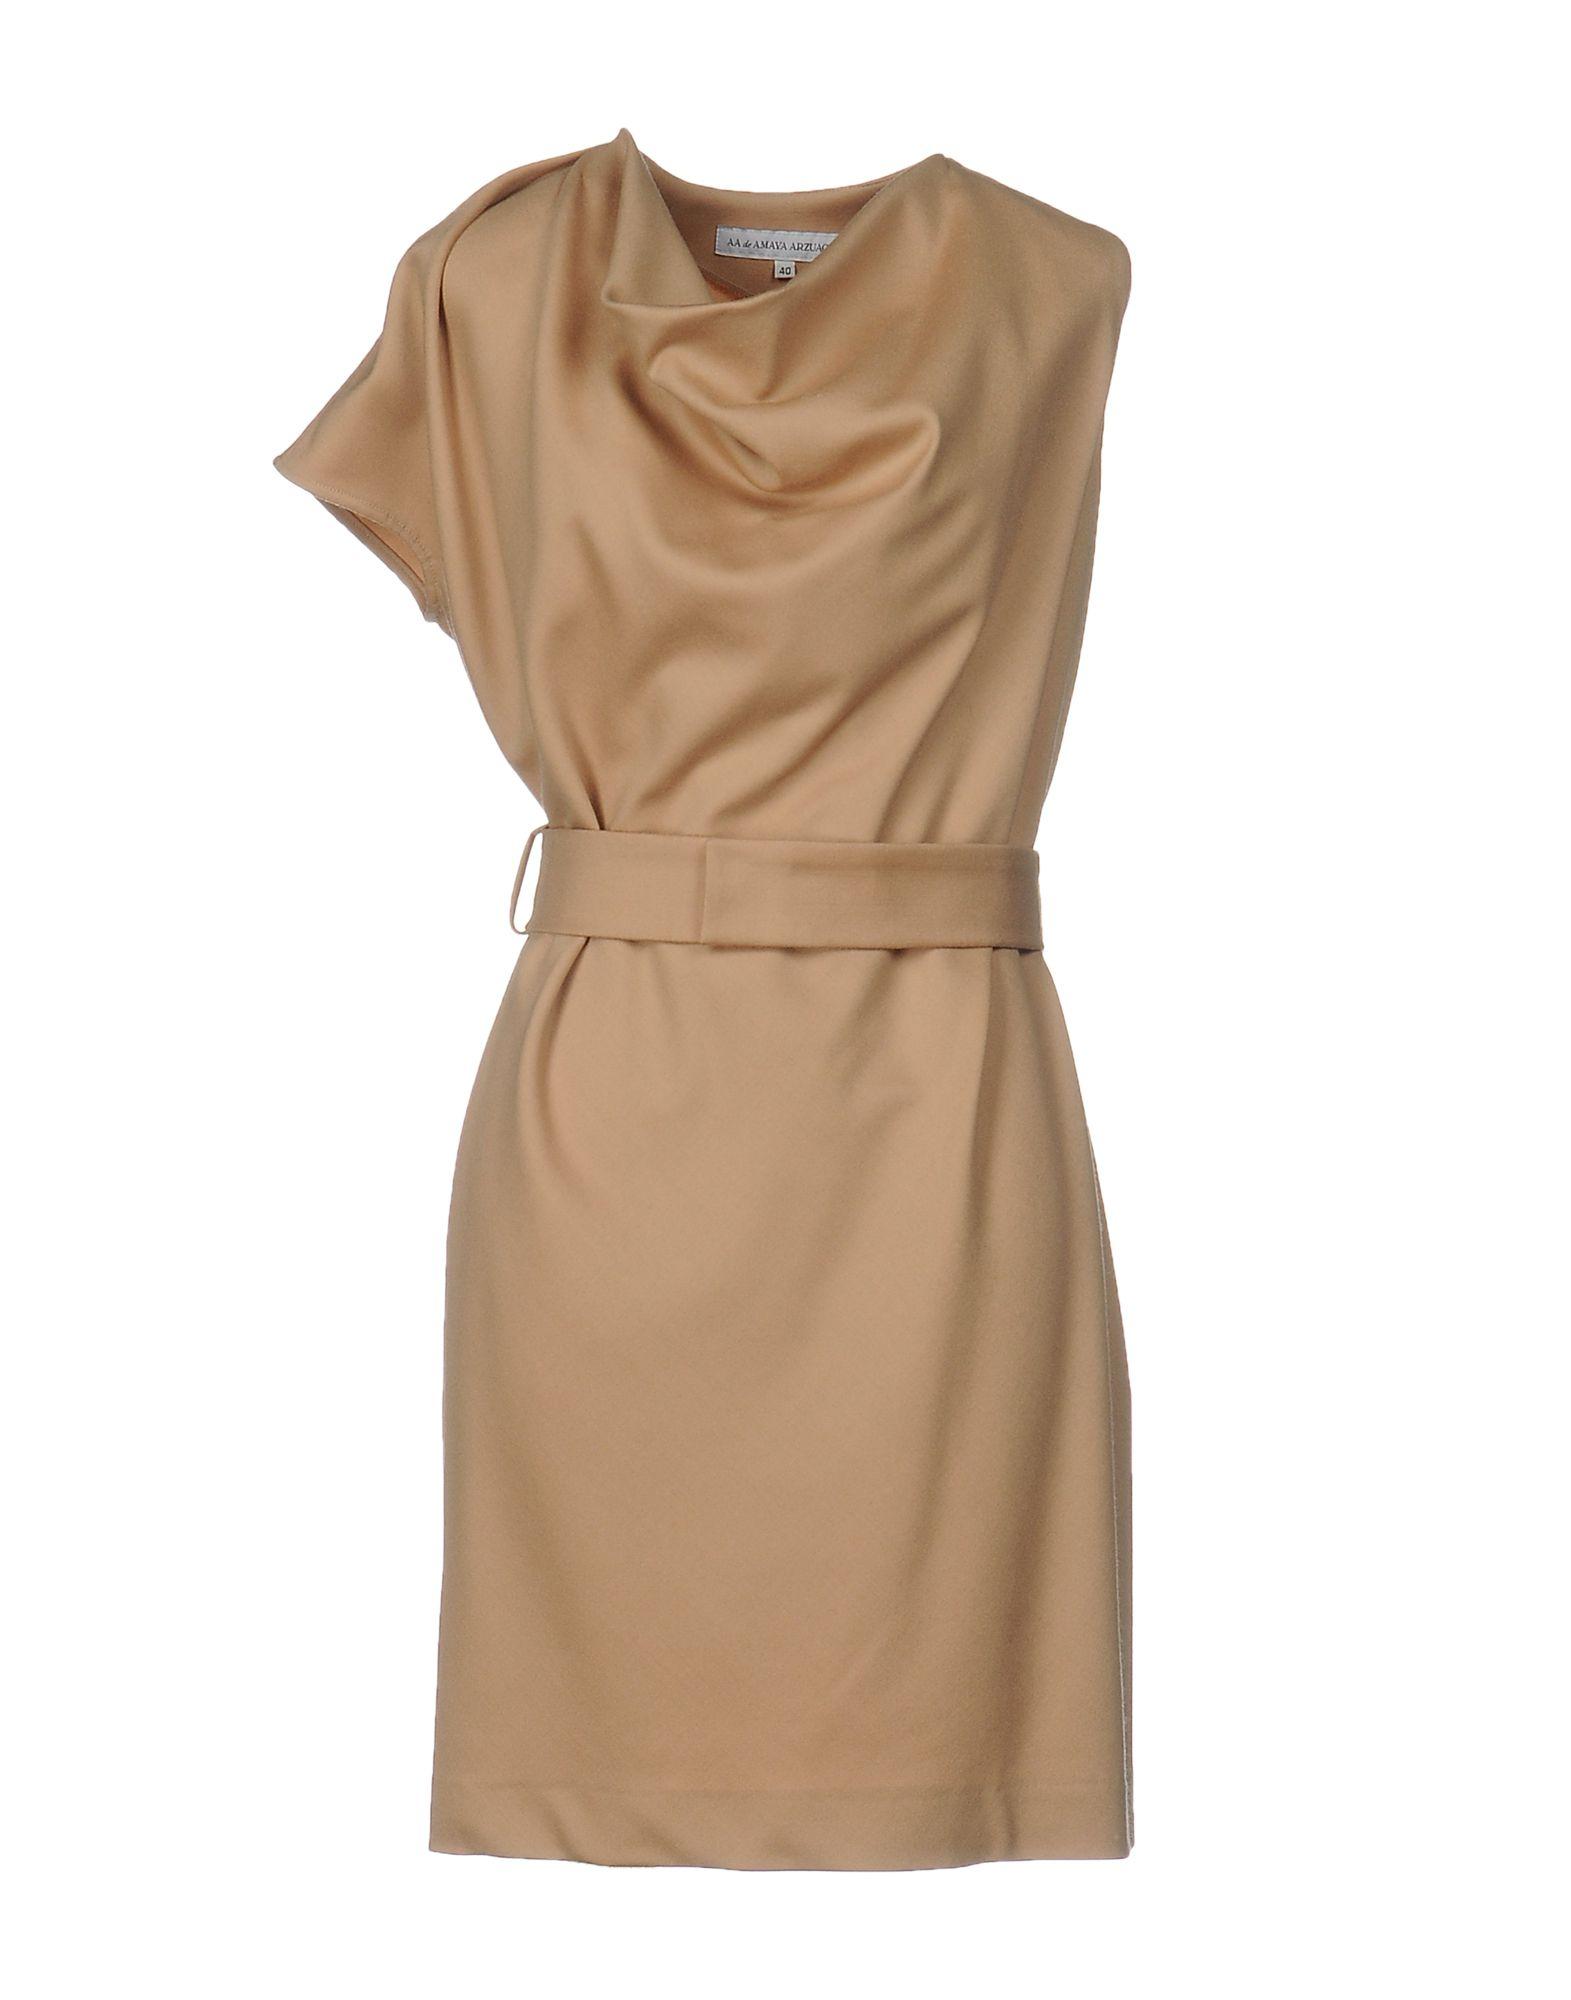 AA de AMAYA ARZUAGA Damen Kurzes Kleid Farbe Kamel Größe 5